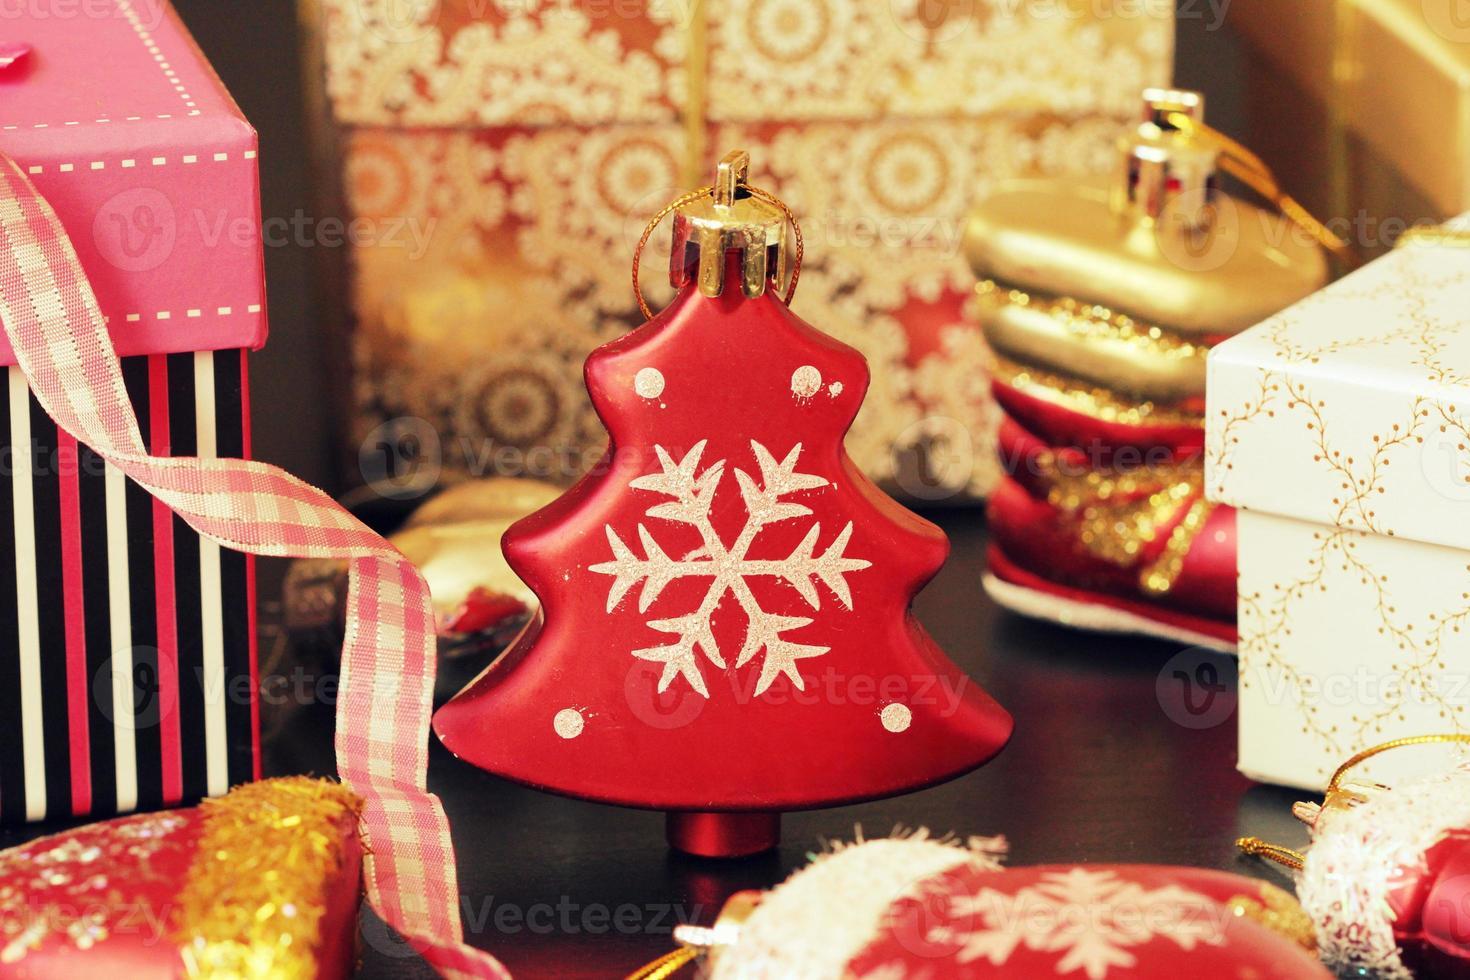 décoration de noël et coffret cadeau photo